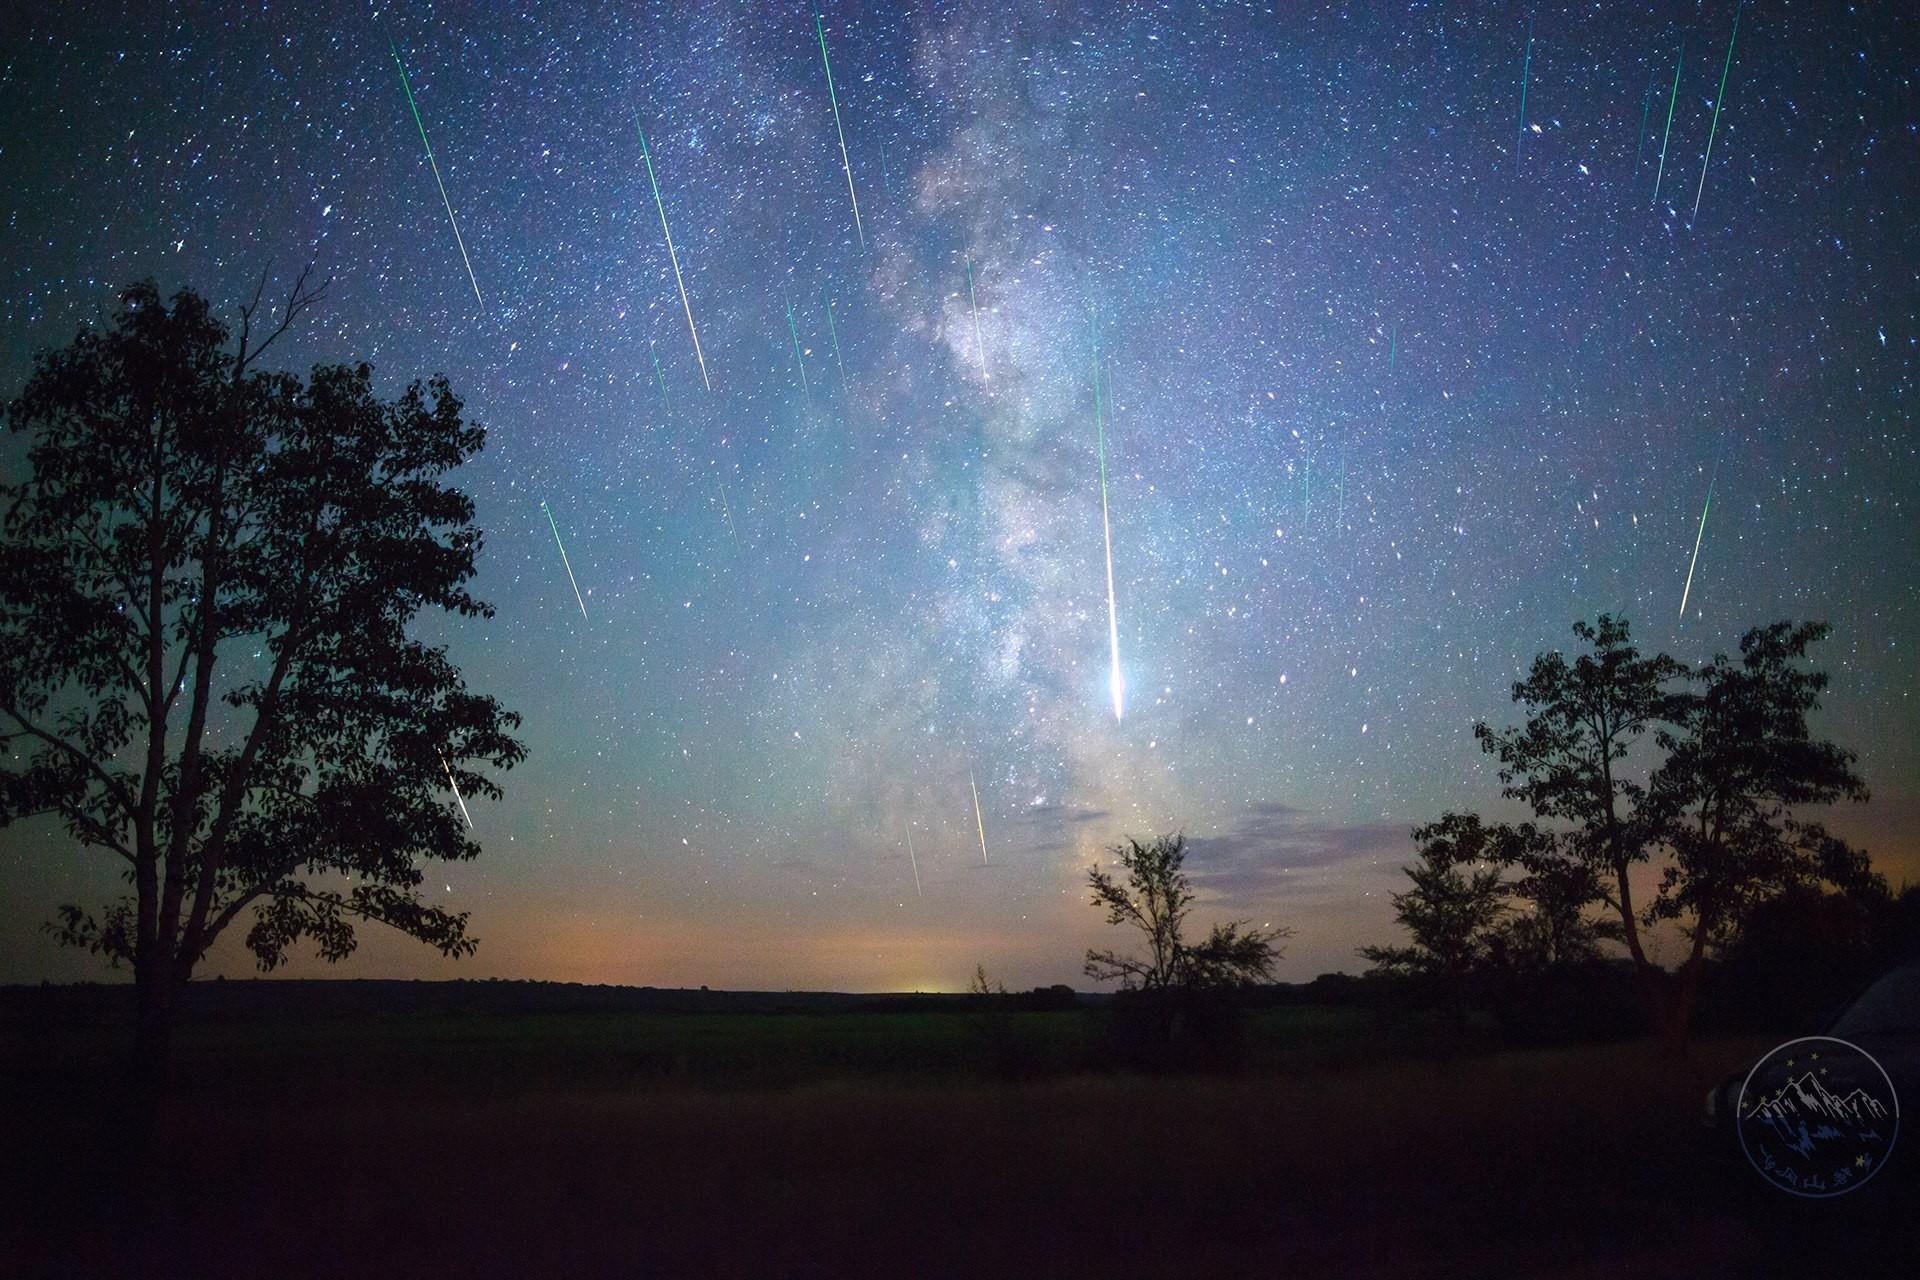 главное это красивое фото звездопада утро этот экскаватор